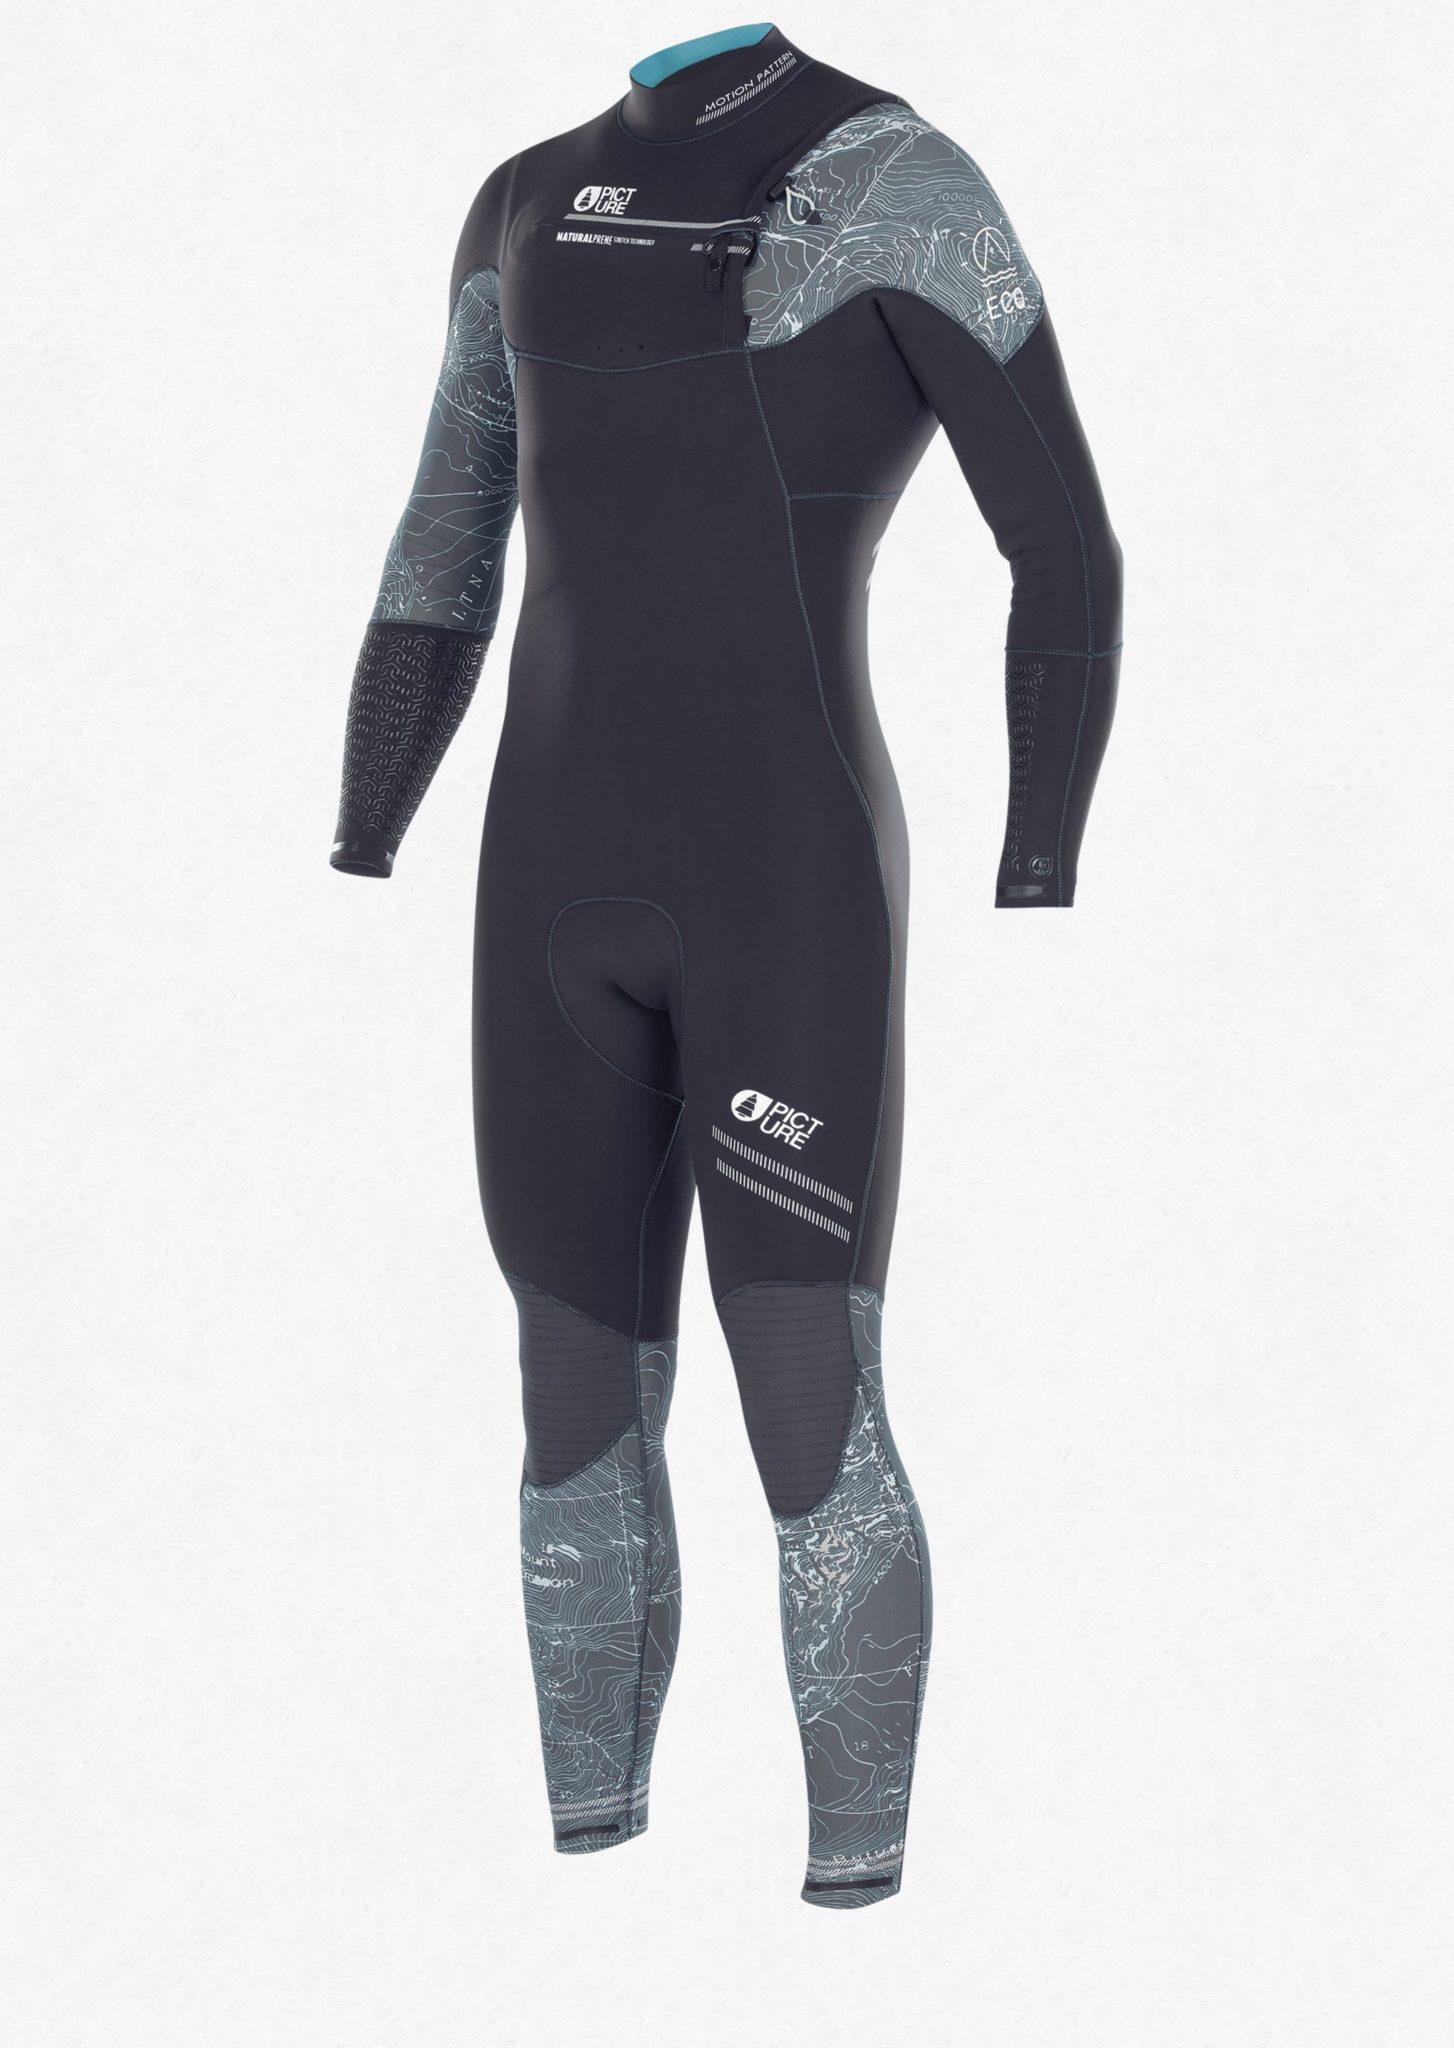 topographic wetsuit 35 45